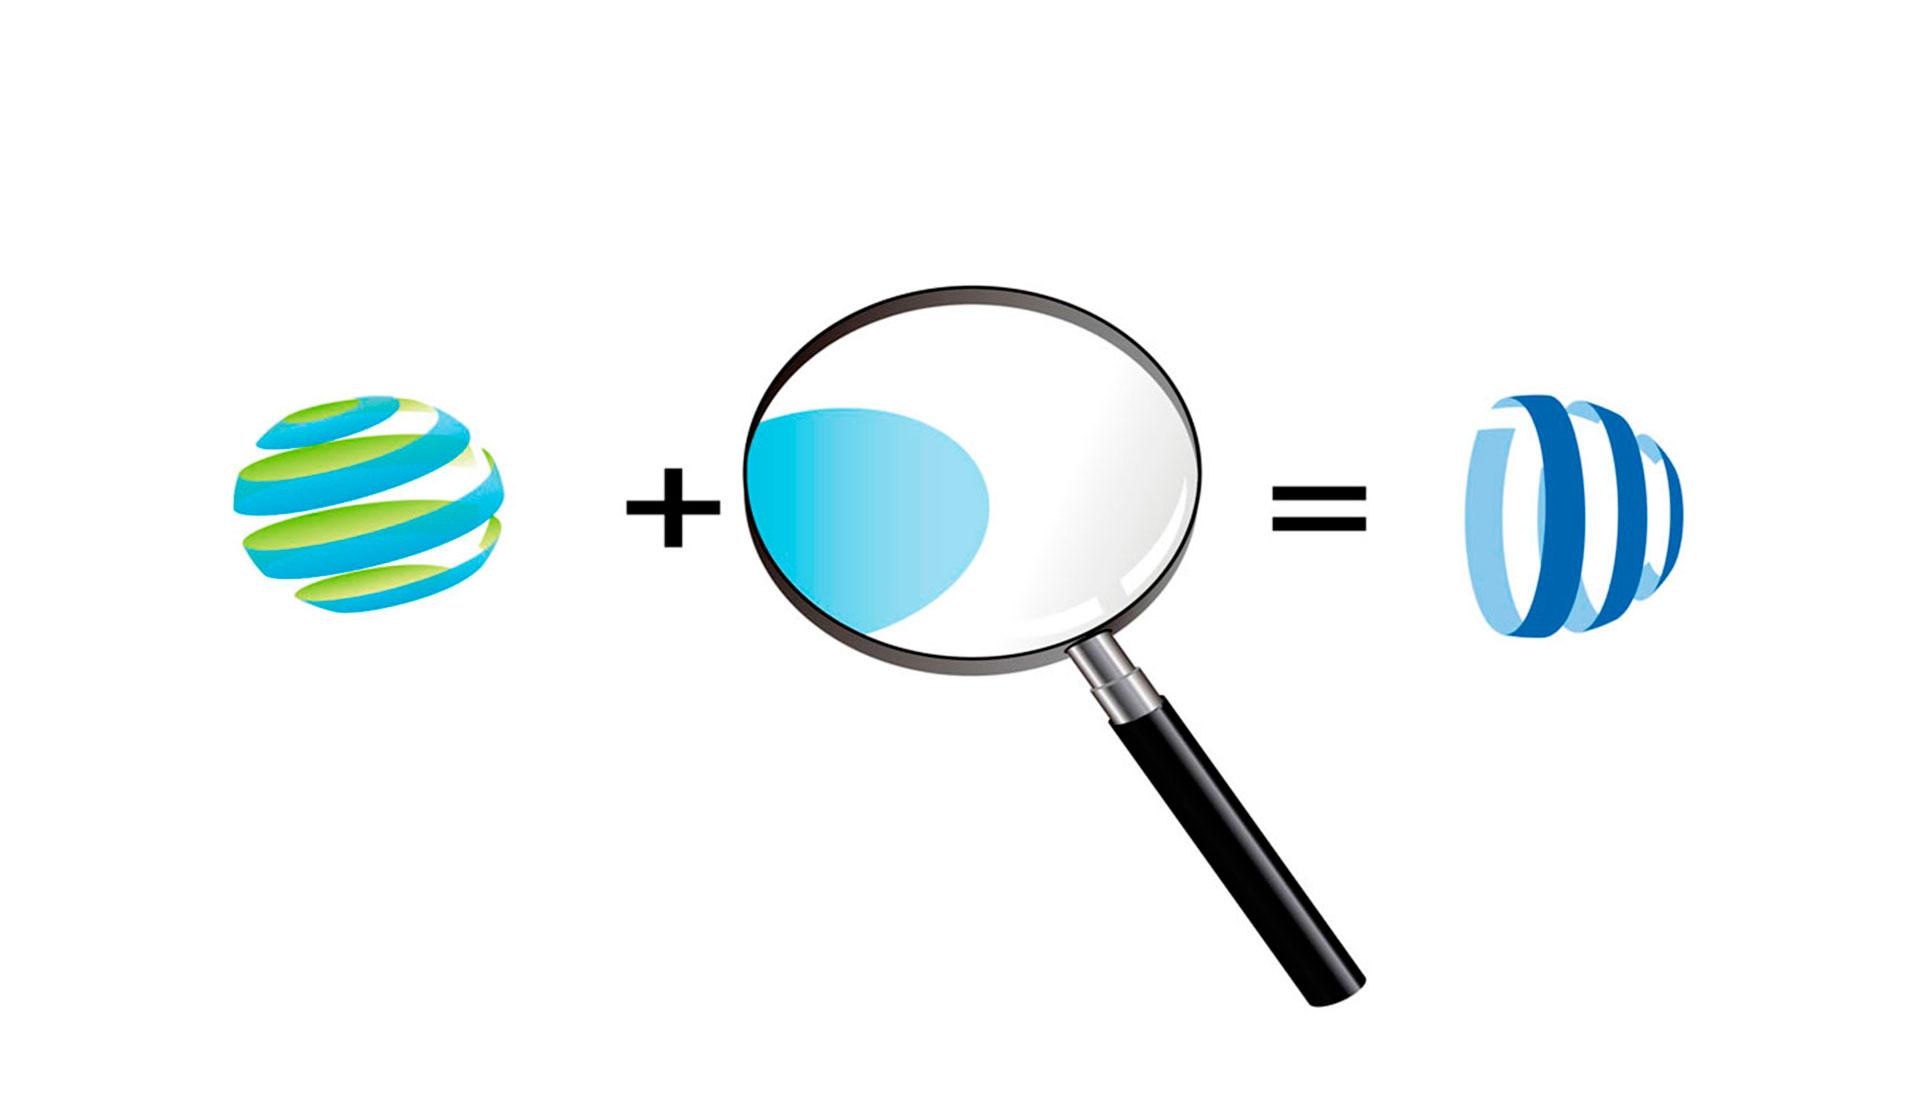 agencia-publicidad-identidad-corporativa-branding-marketing-agencia-viajes-valencia-03